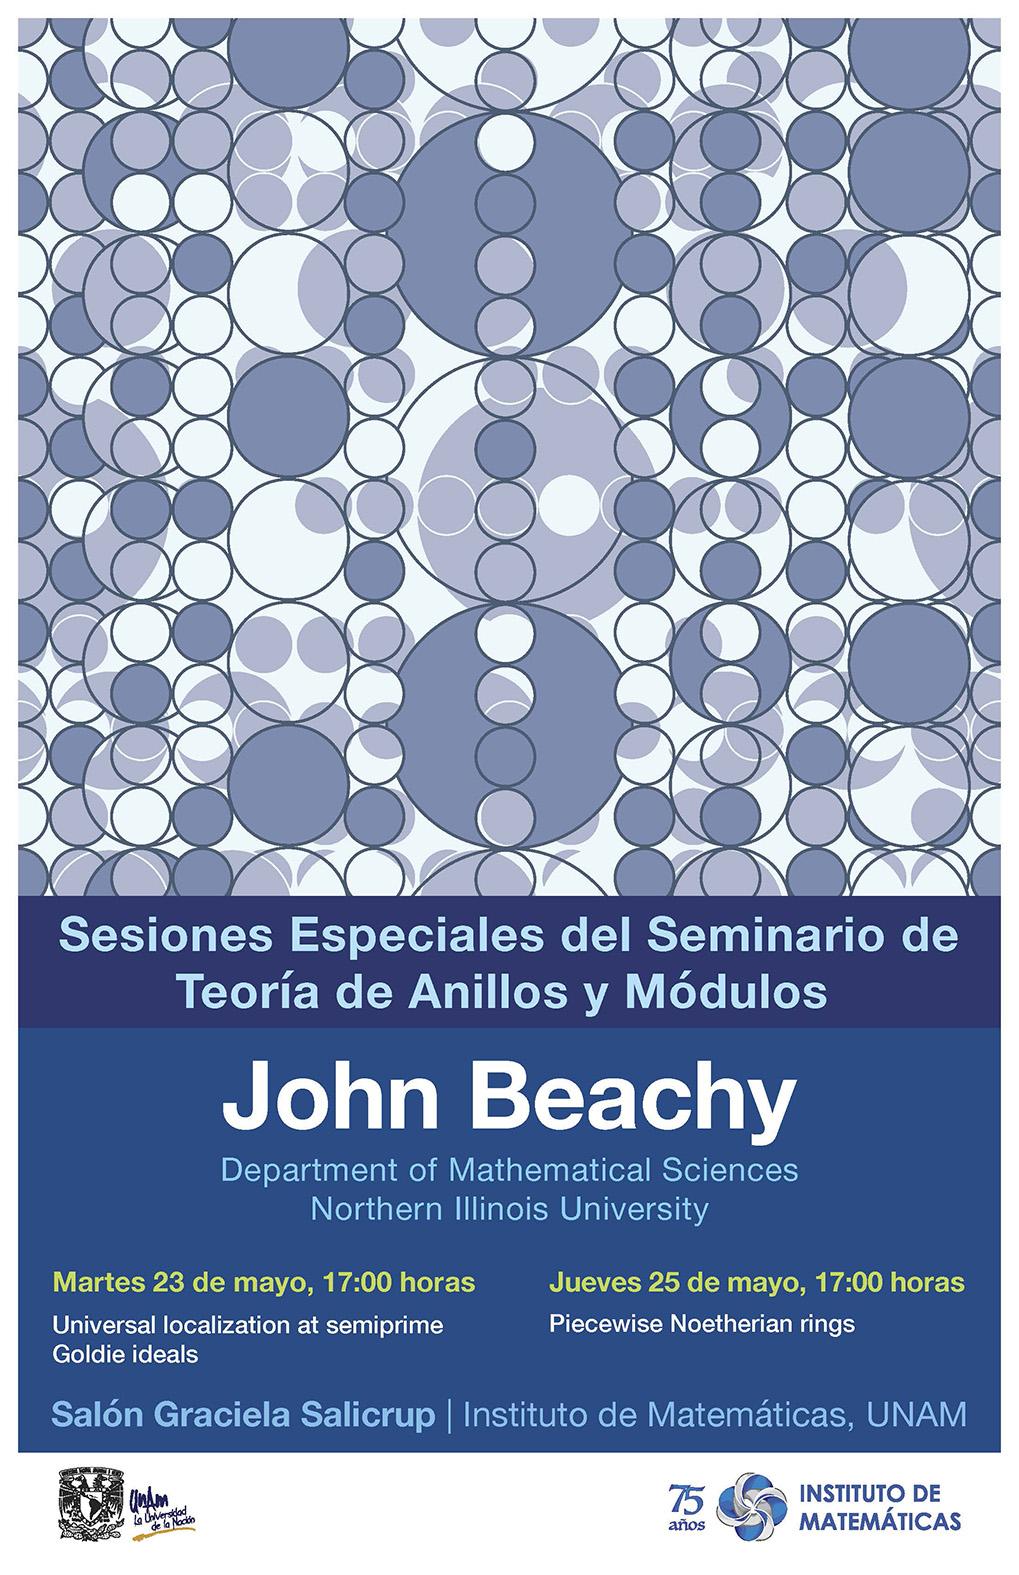 Sesiones Especiales del Seminario de Teoría de Anillos y Módulos